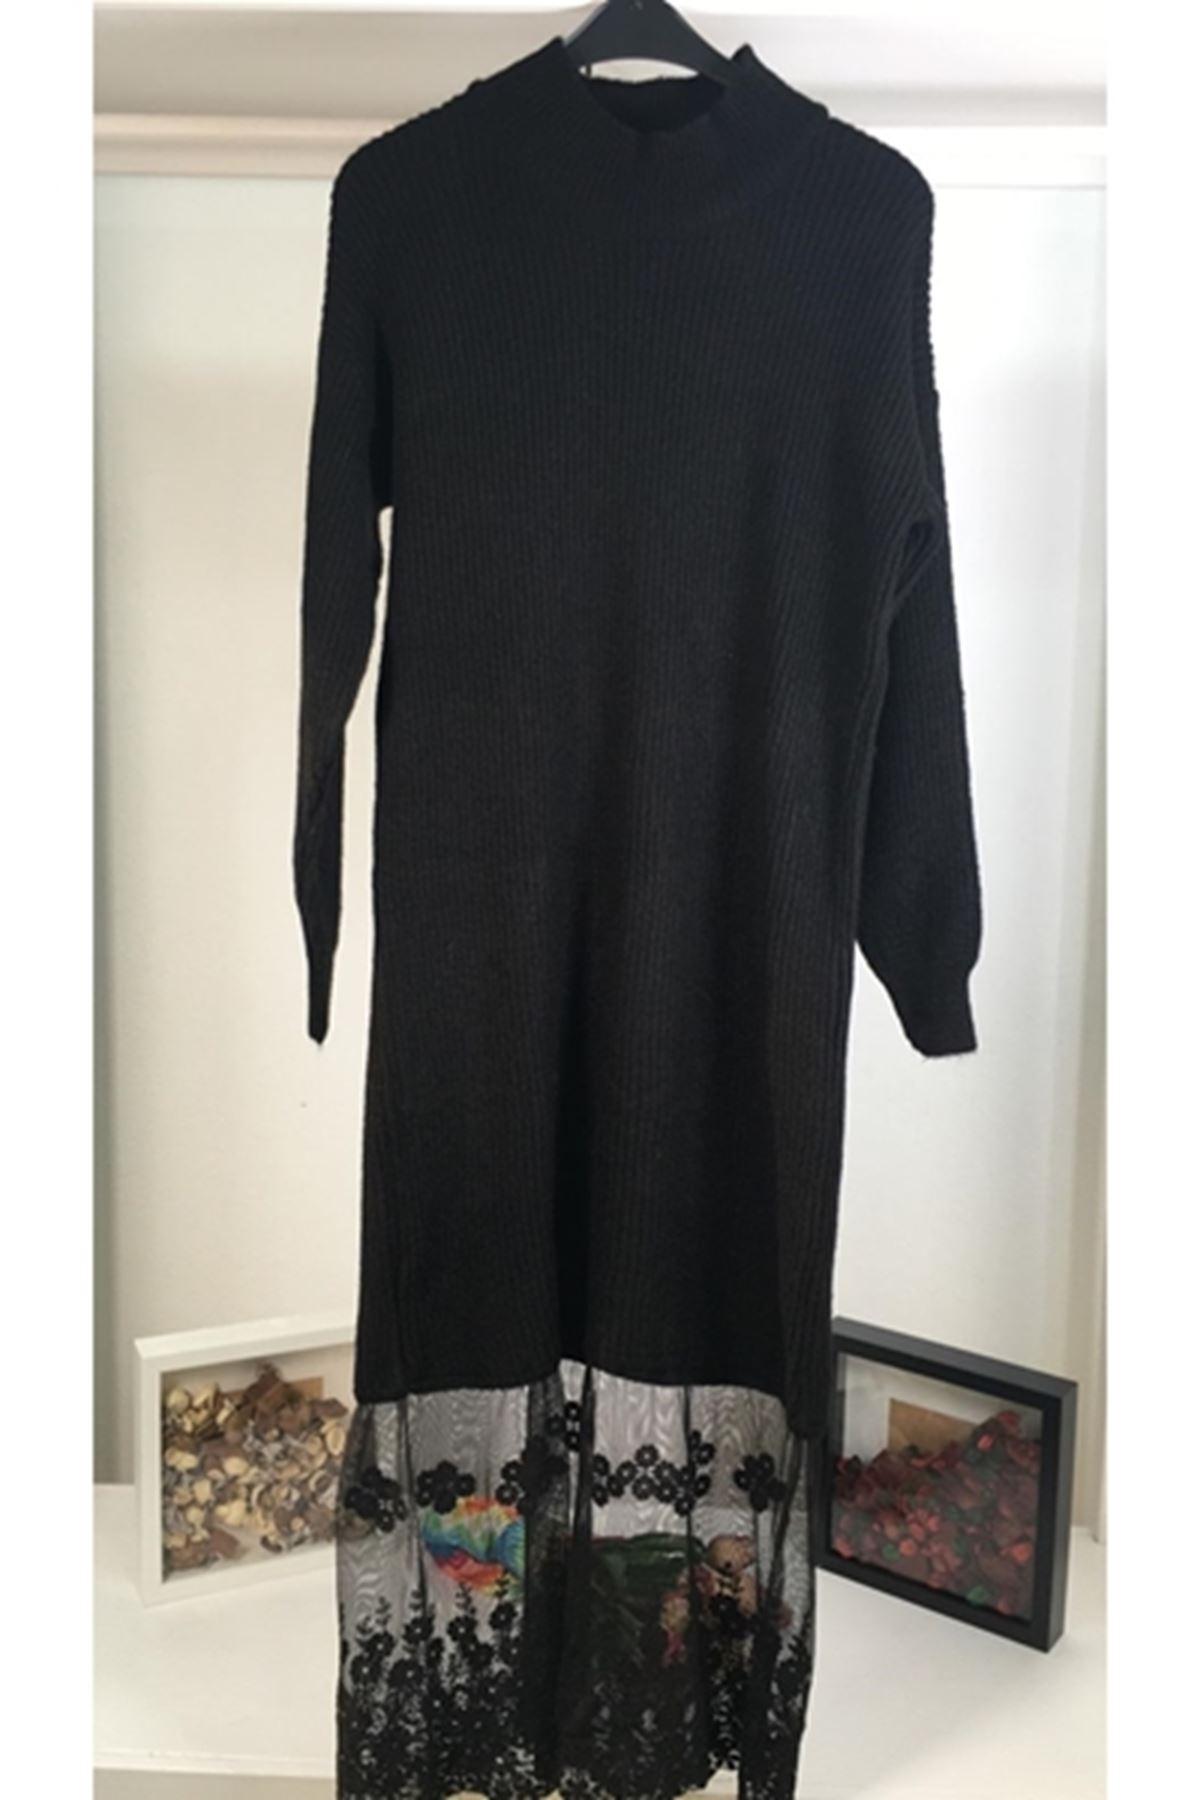 Etek dantel iki renk triko elbise YSB139 SİYAH